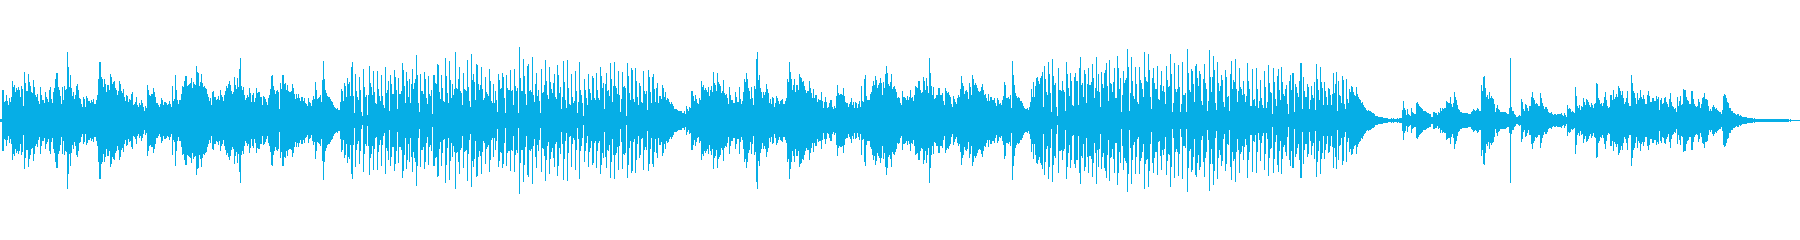 明るいアコースティックのバラードの再生済みの波形